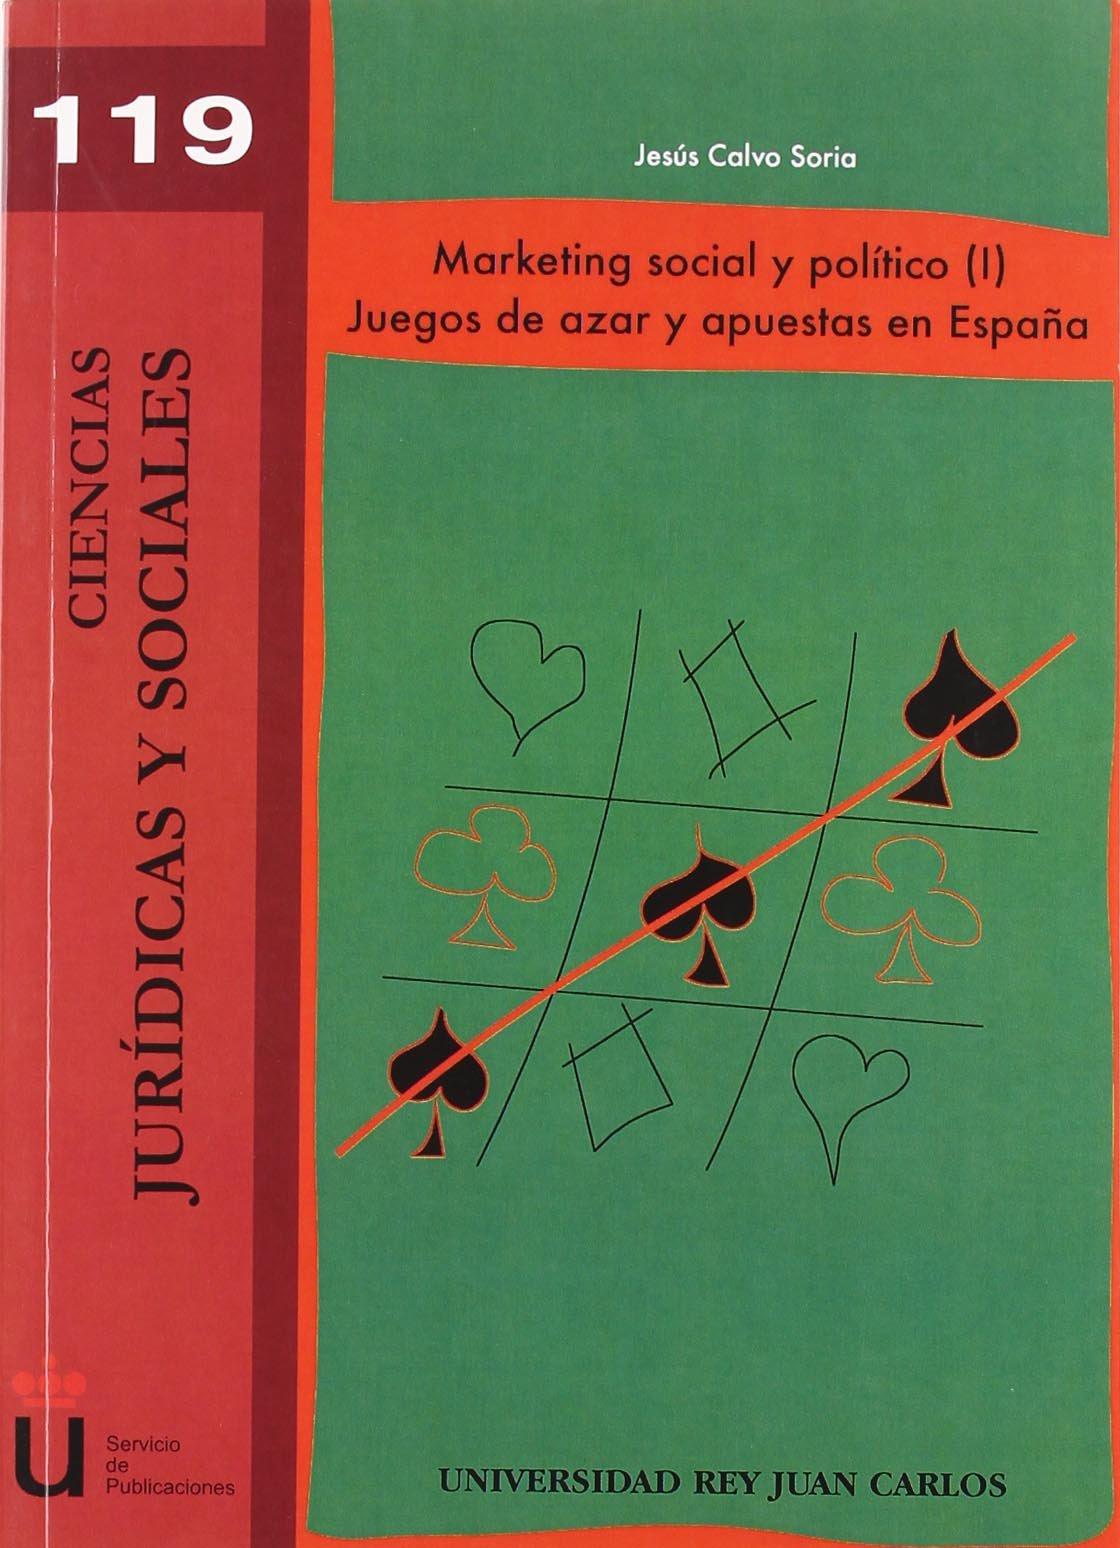 Marketing social y político: Juegos de azar y apuestas en España Colección Ciencias Jurídicas y Sociales: Amazon.es: Calvo Soria, Jesús: Libros